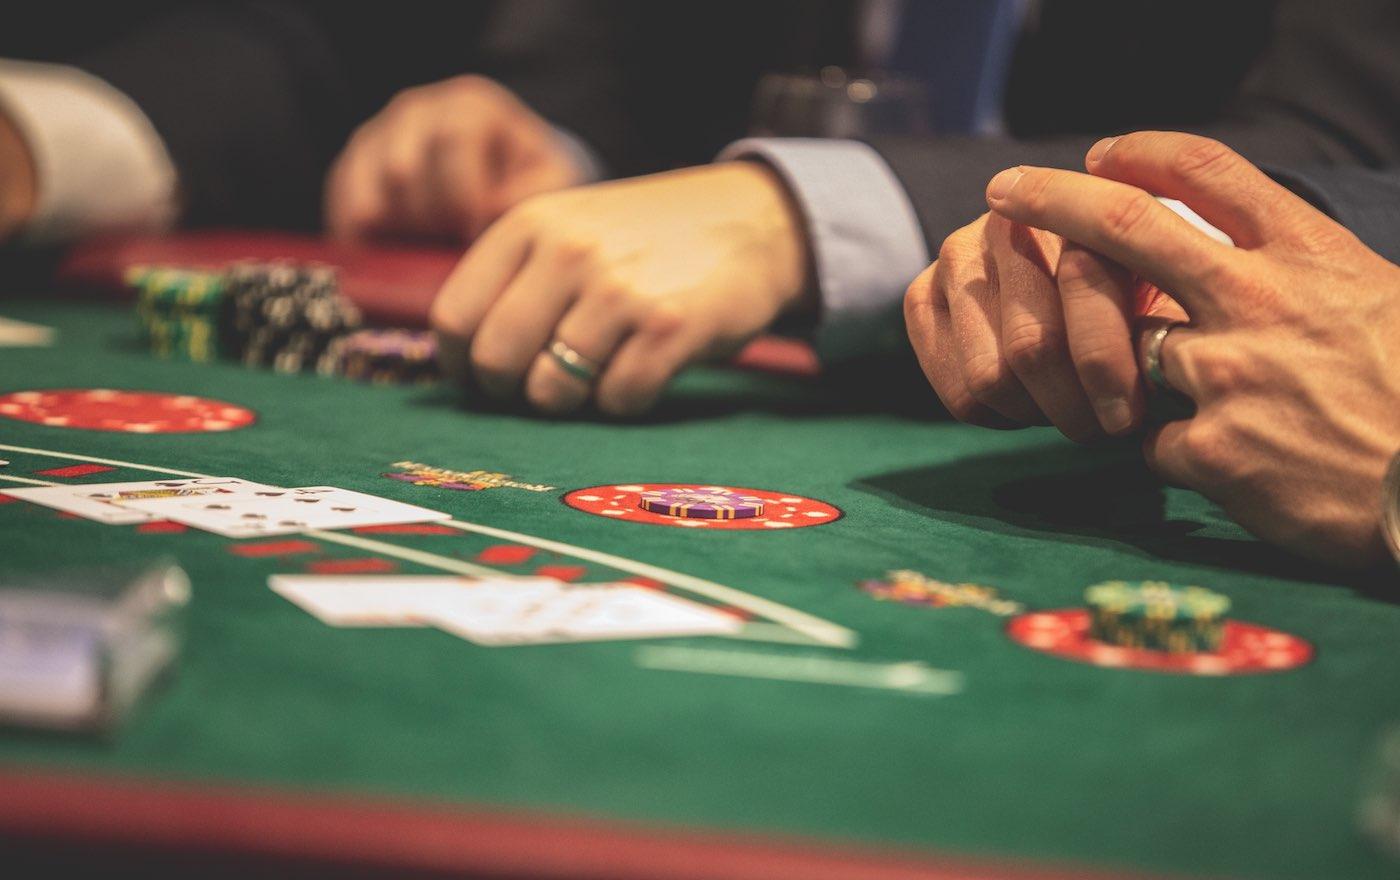 Online casino security standards